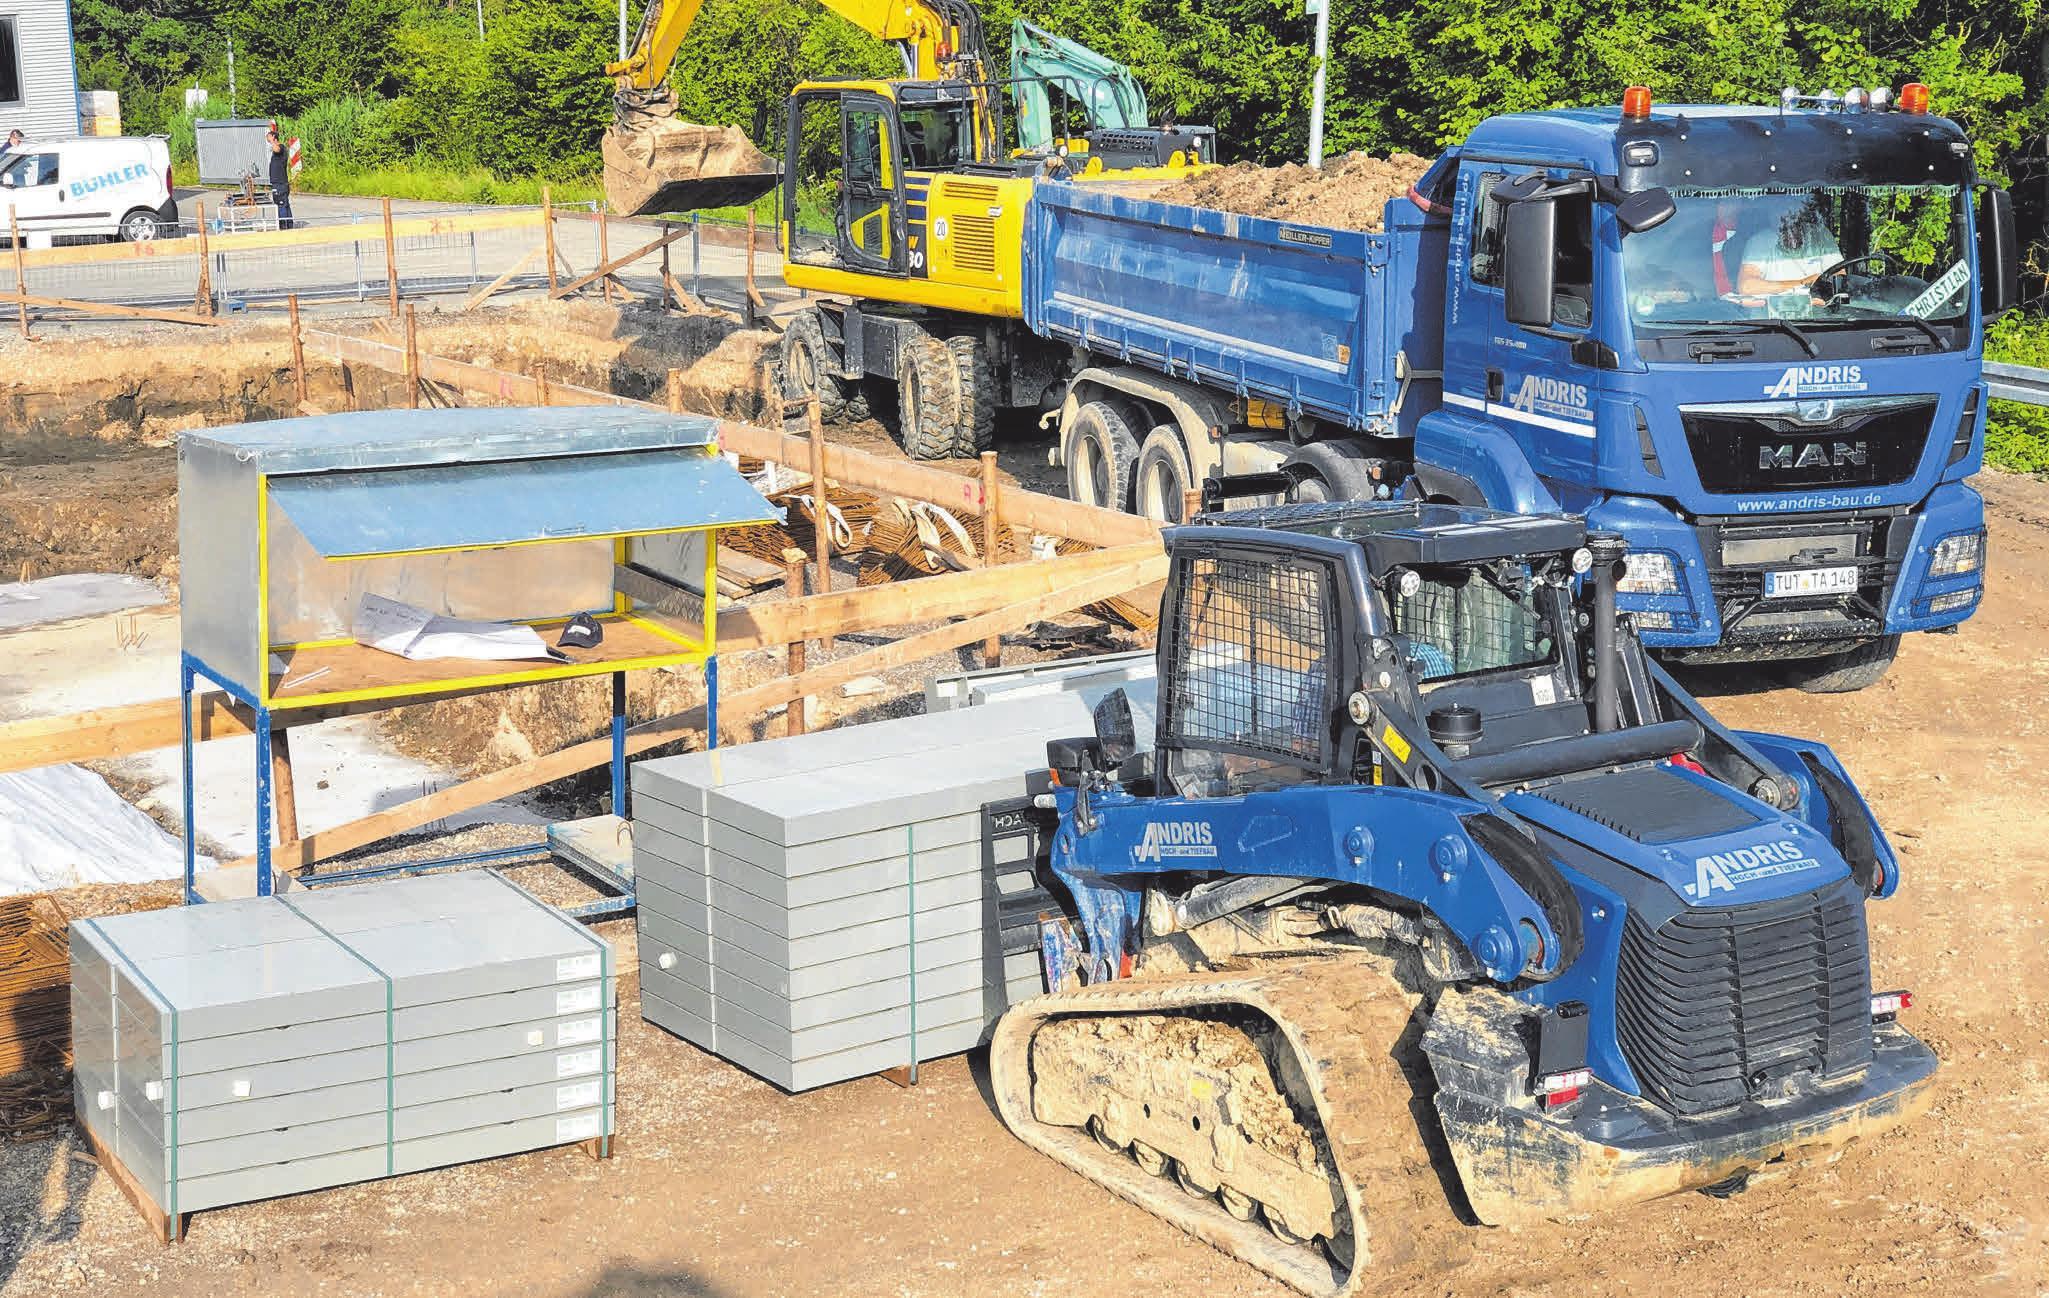 Der moderne und breit aufgestellte Fuhr-, Geräte- und Maschinenpark des Bauunternehmens Andris ist stets an der blauen Farbe zu erkennen. Foto: Andris